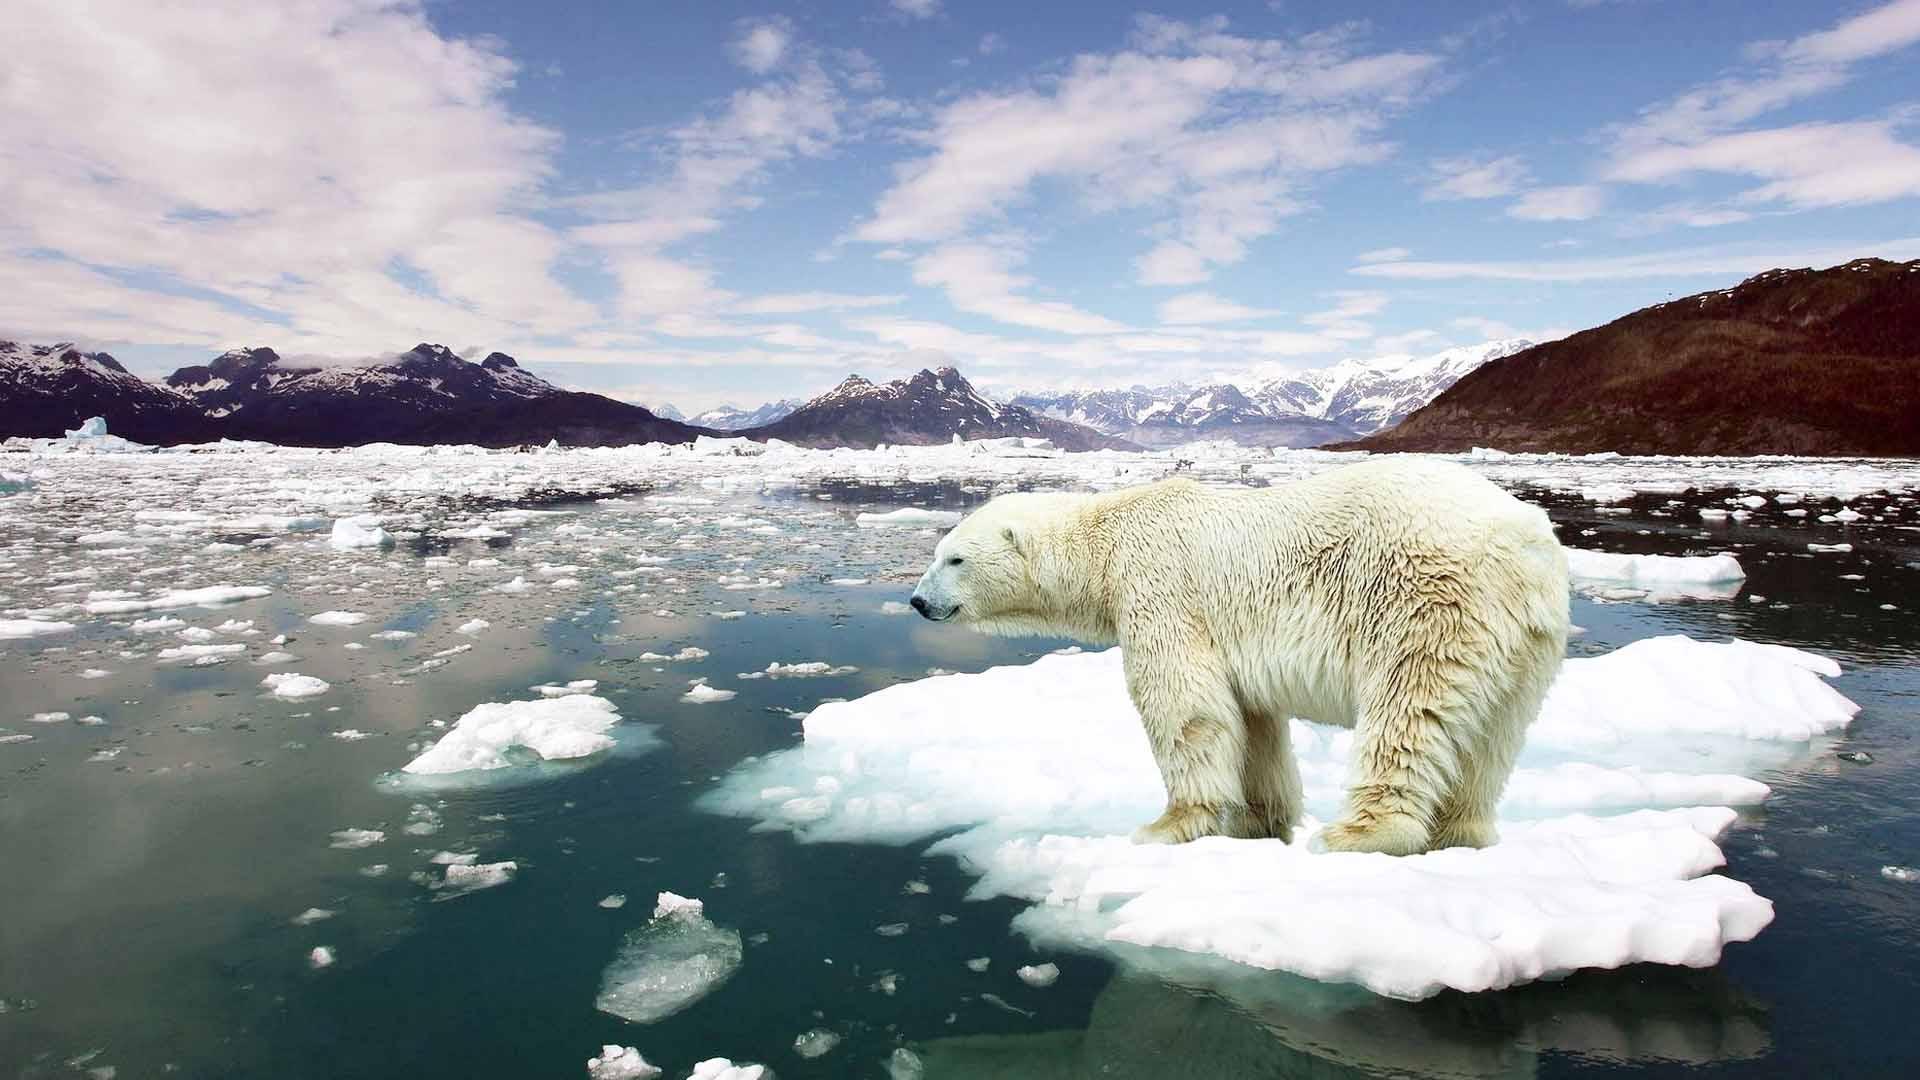 Dobbiamo proteggere gli ecosistemi dal riscaldamento globale